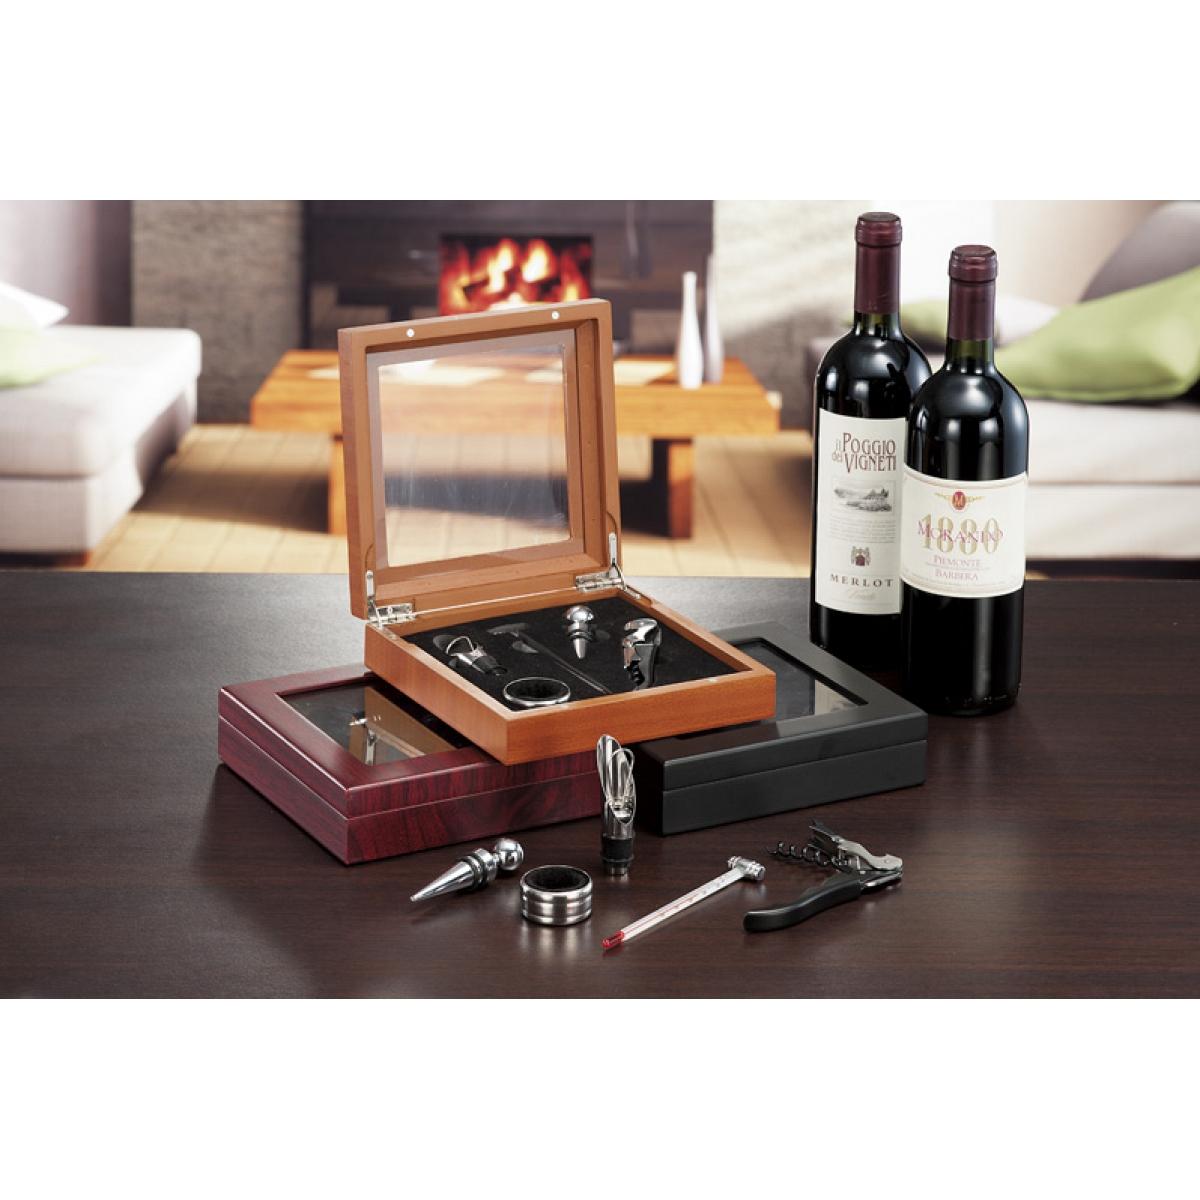 Accessori per il vino in vendita su verdegarden for Accessori per la casa online